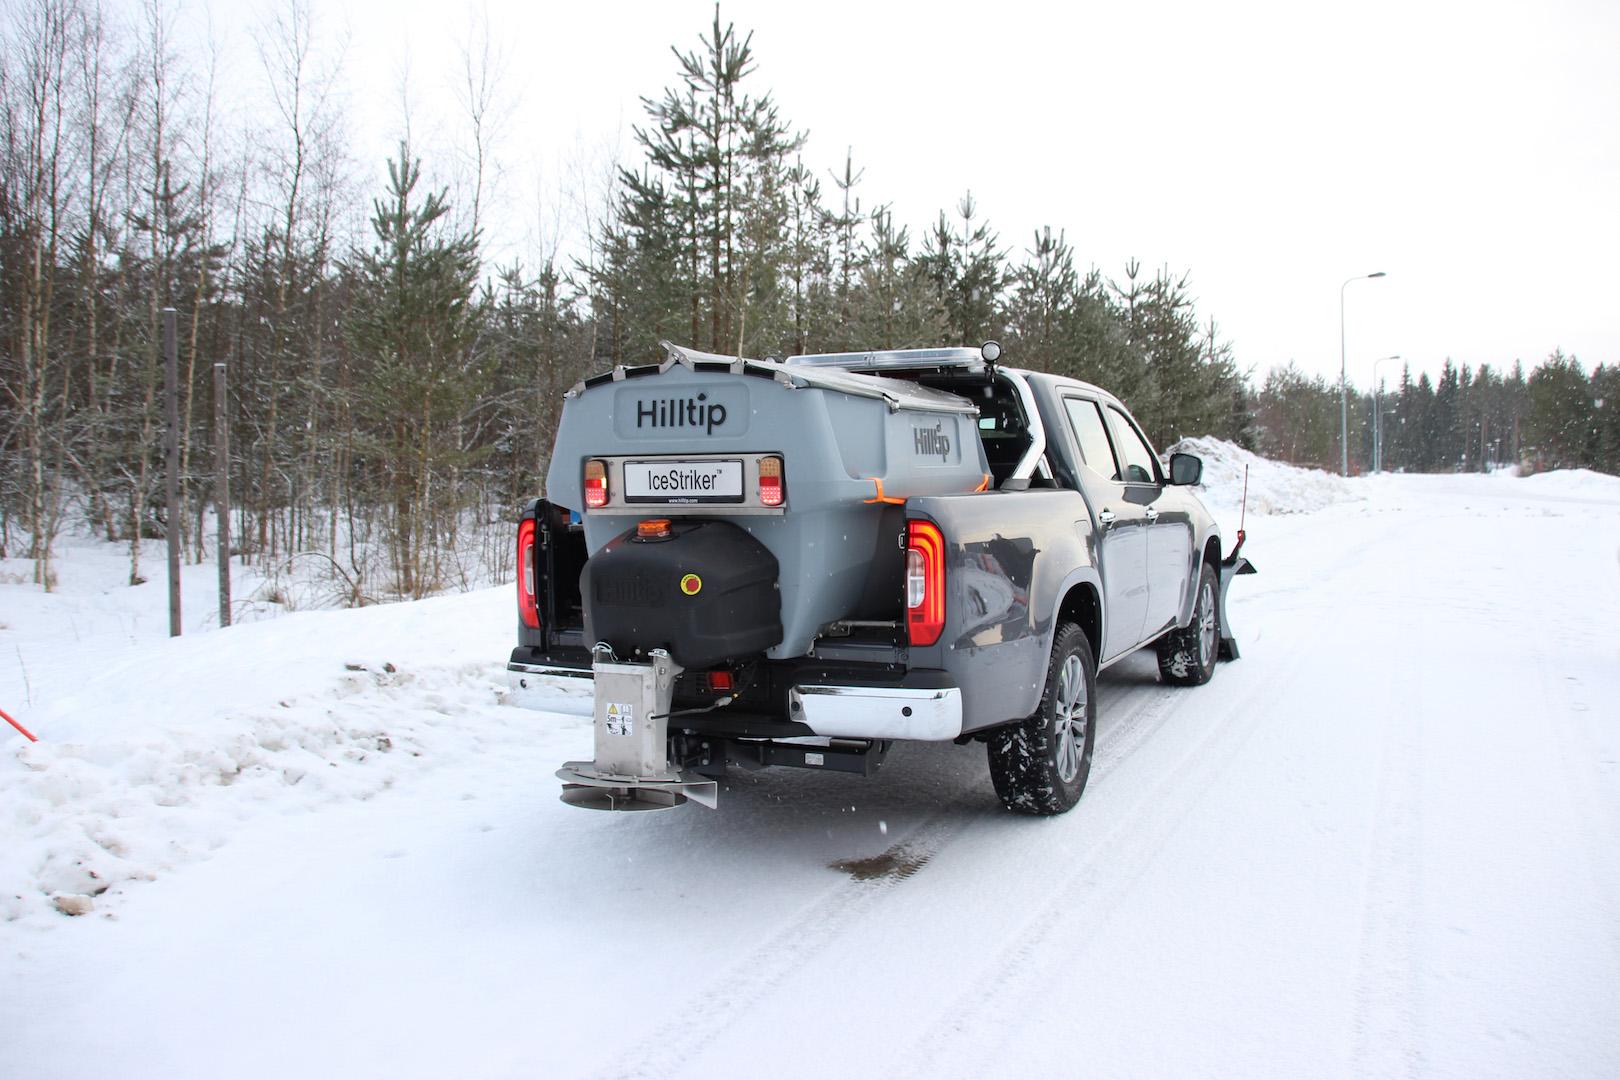 winterdienstfahrzeug-mercedes-x-klasse-Hilltip-IceStriker-Streusystem